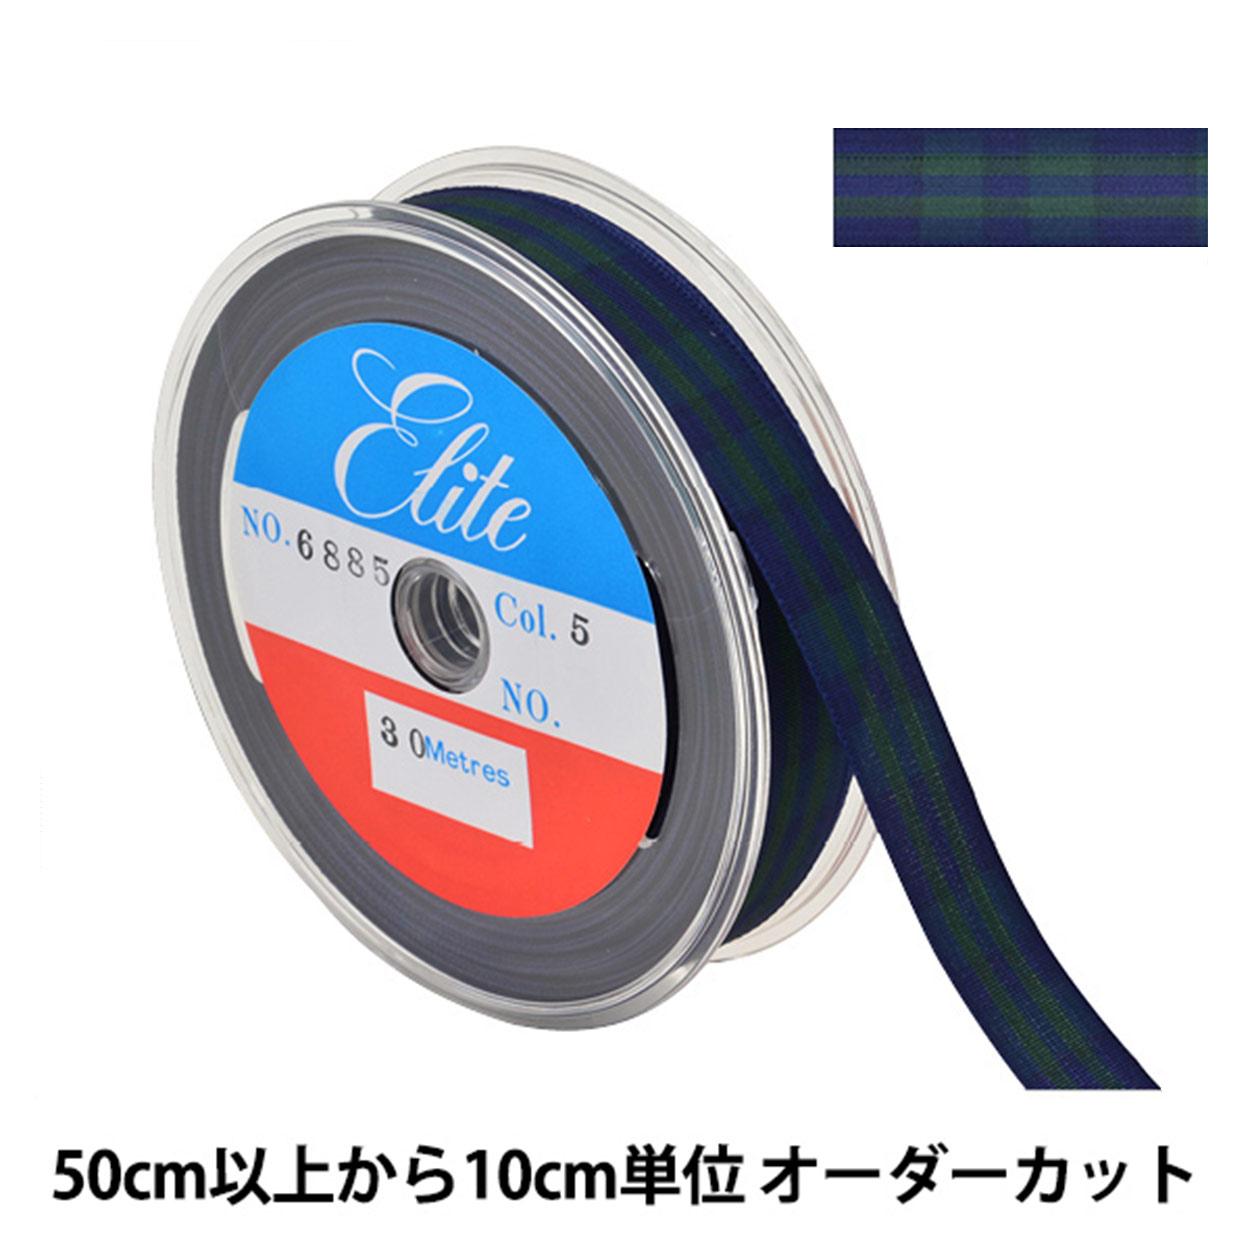 送料無料激安祭 手芸 クラフト [正規販売店] ラッピングに 数量5から リボン チェックリボン 6885-5 5番色 幅約1.5cm